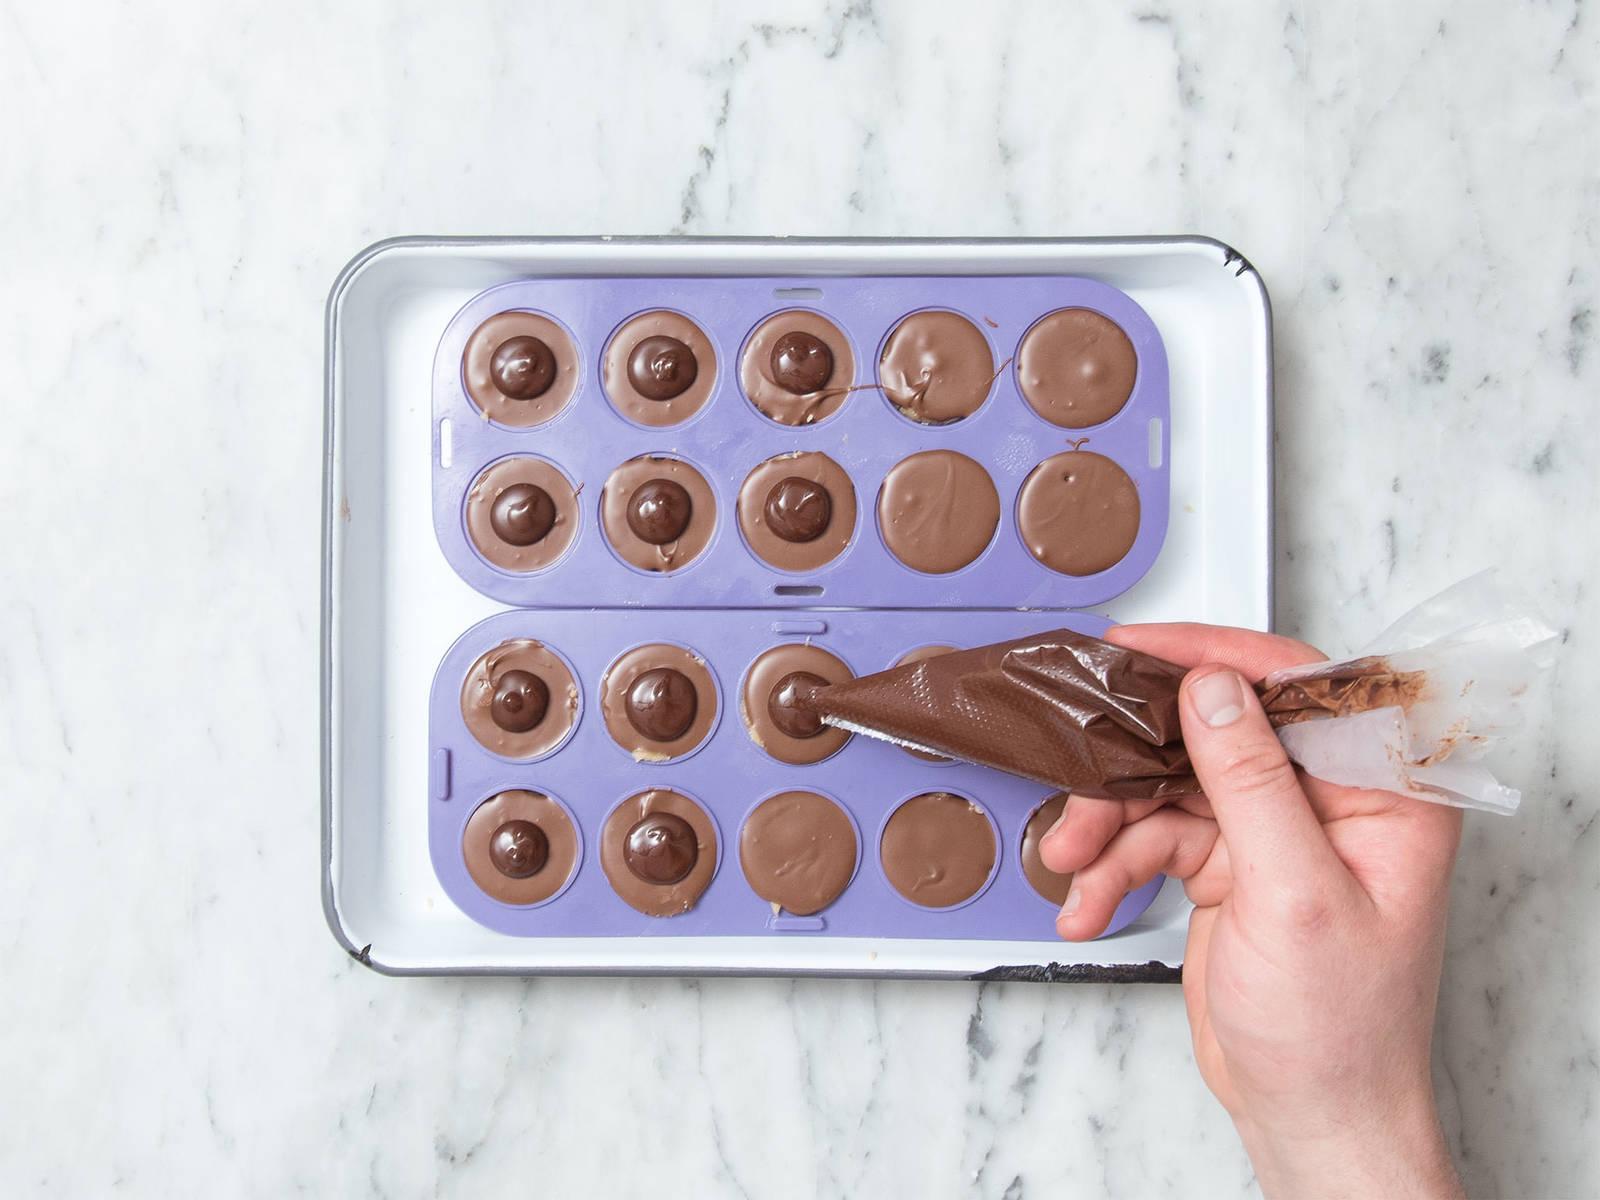 Zartbitterschokolade hacken und drei Viertel der Schokolade in eine hitzebeständige Schüssel geben. Über einem Topf mit köchelndem Wasser schmelzen lassen. Vom Herd nehmen und die restliche gehackte Schokolade unterrühren. Geschmolzene Schokolade in einen zweiten Spritzbeutel füllen und die Spitze des Beutels abschneiden. Kleine Schokoladenkreise auf die feste Nuss-Nougat-Creme geben und ca. 25 Min. trocknen lassen. Anschließend aus der Form nehmen und genießen!